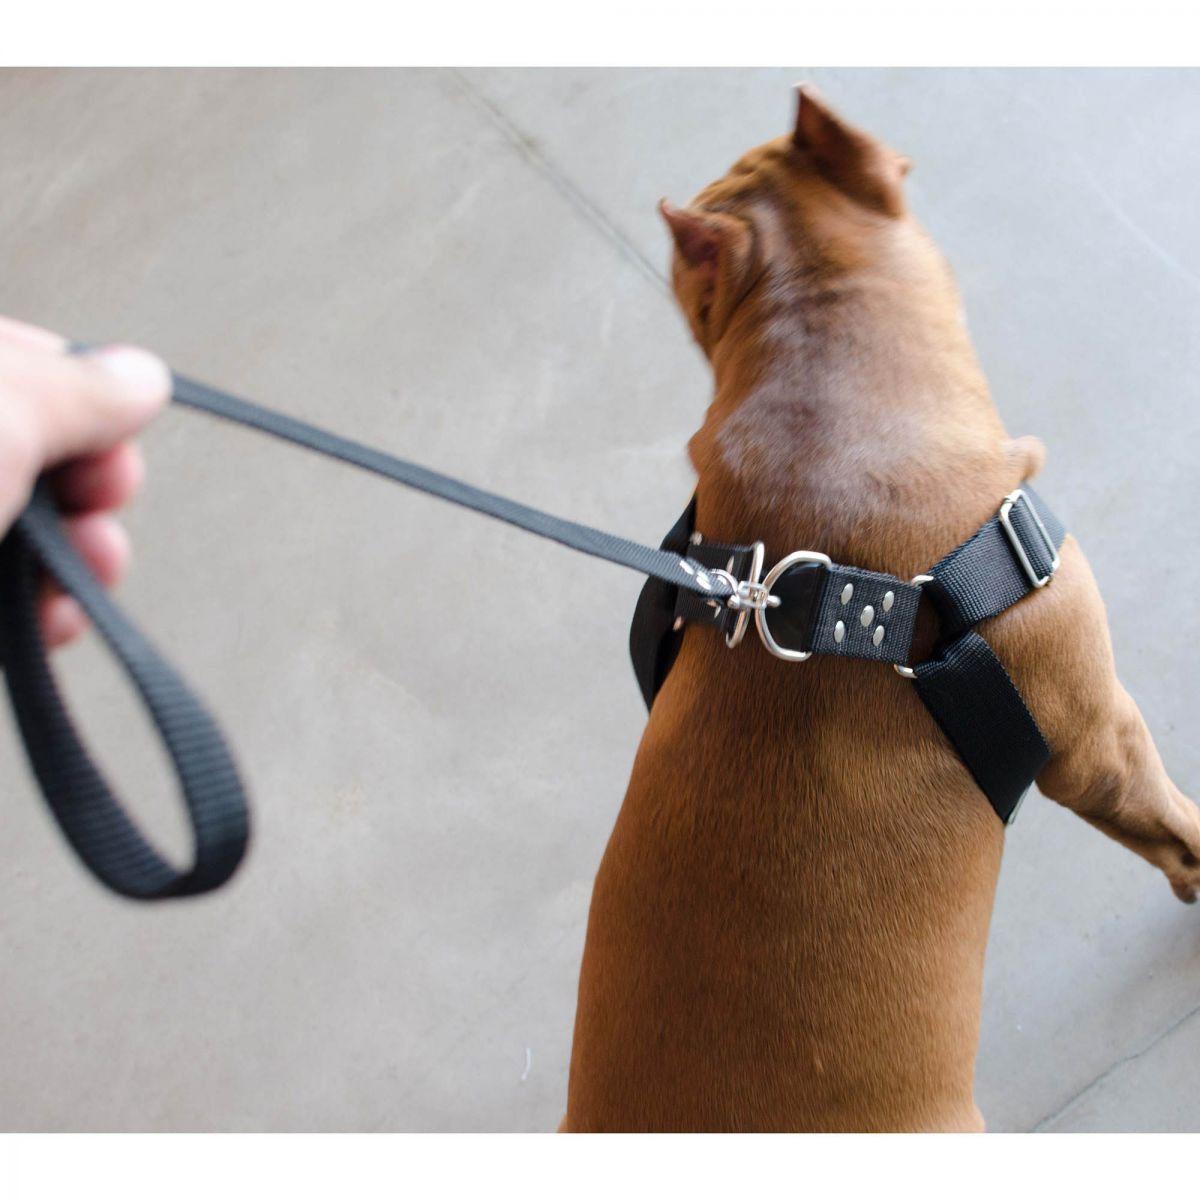 Coleira Peitoral Cachorro Porte Maior Guia Adaptador Cinto Segurança Tamanho M - Cor Preta